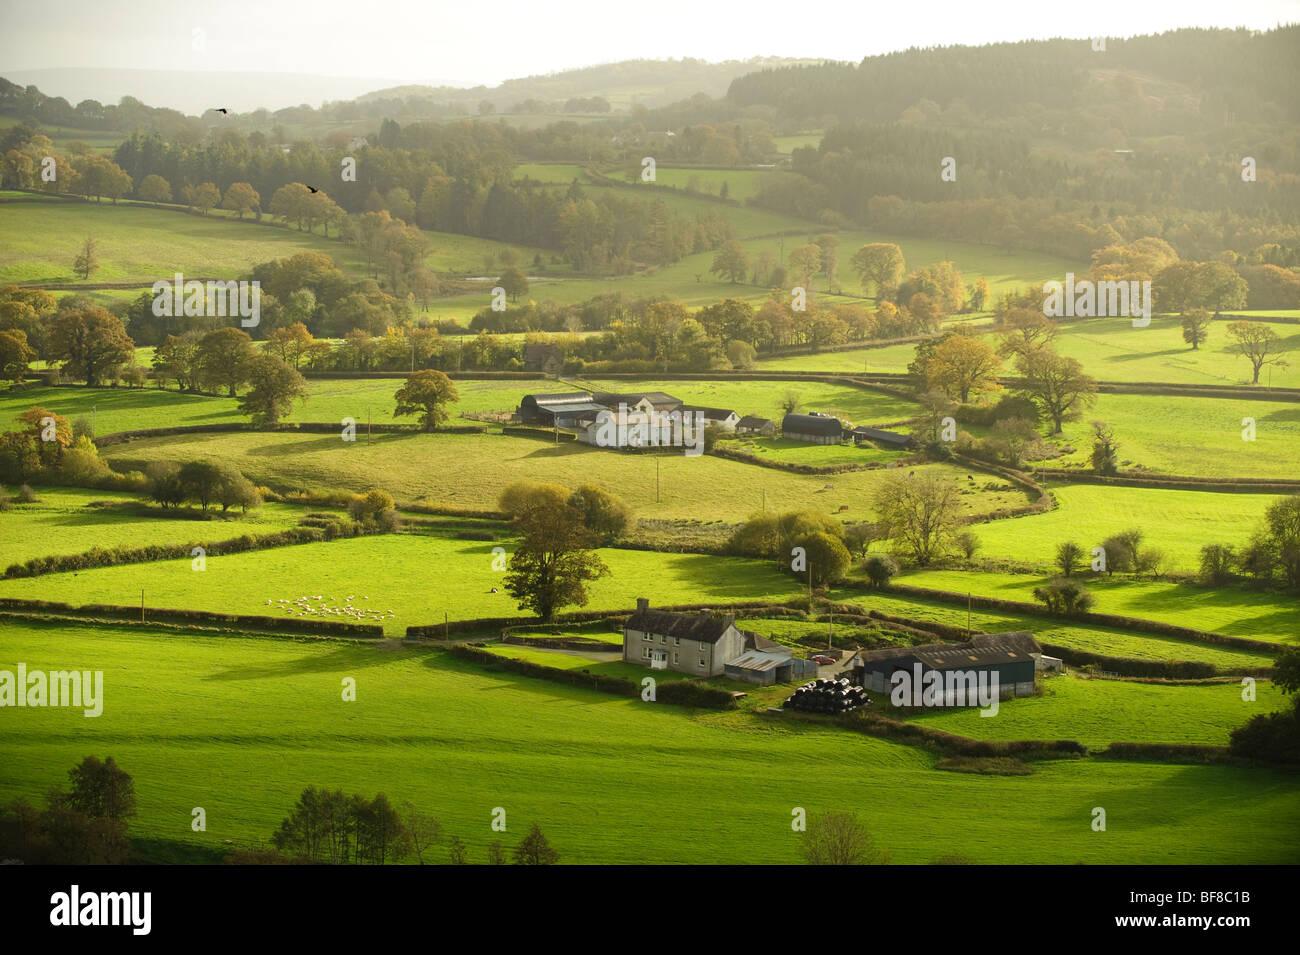 Après-midi d'automne, vue de fermes et de terres agricoles dans la vallée de la Tywi Dinefwr castle Photo Stock